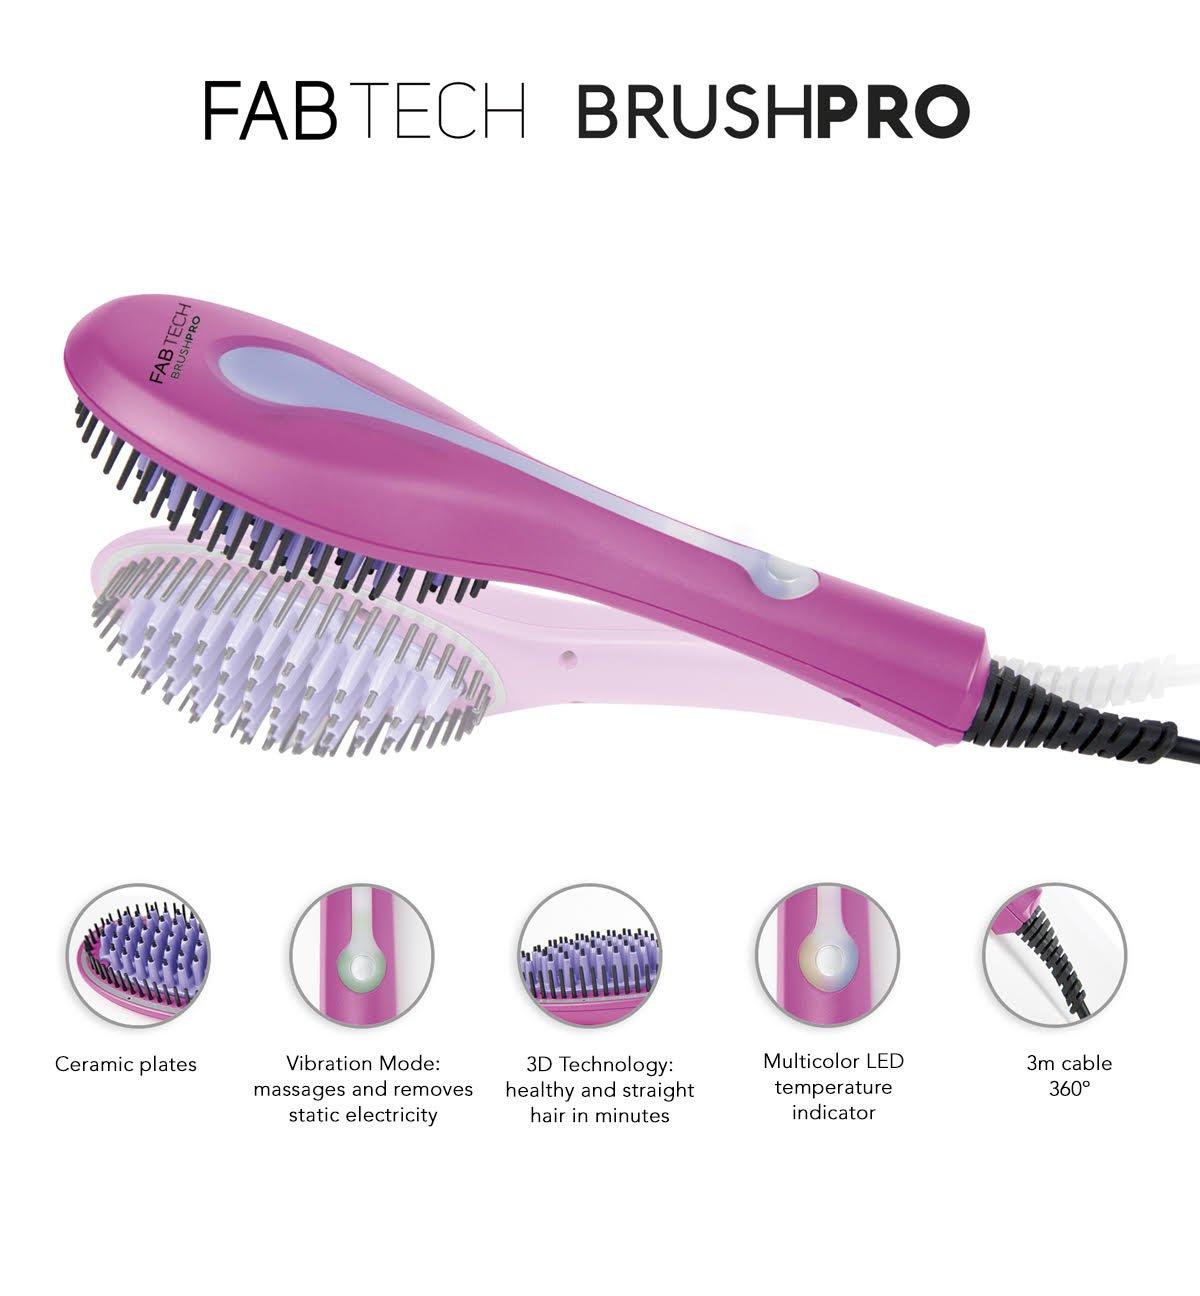 Cepillo alisador 3D iónico con vibración - Fabtech Brushpro: Amazon.es: Salud y cuidado personal